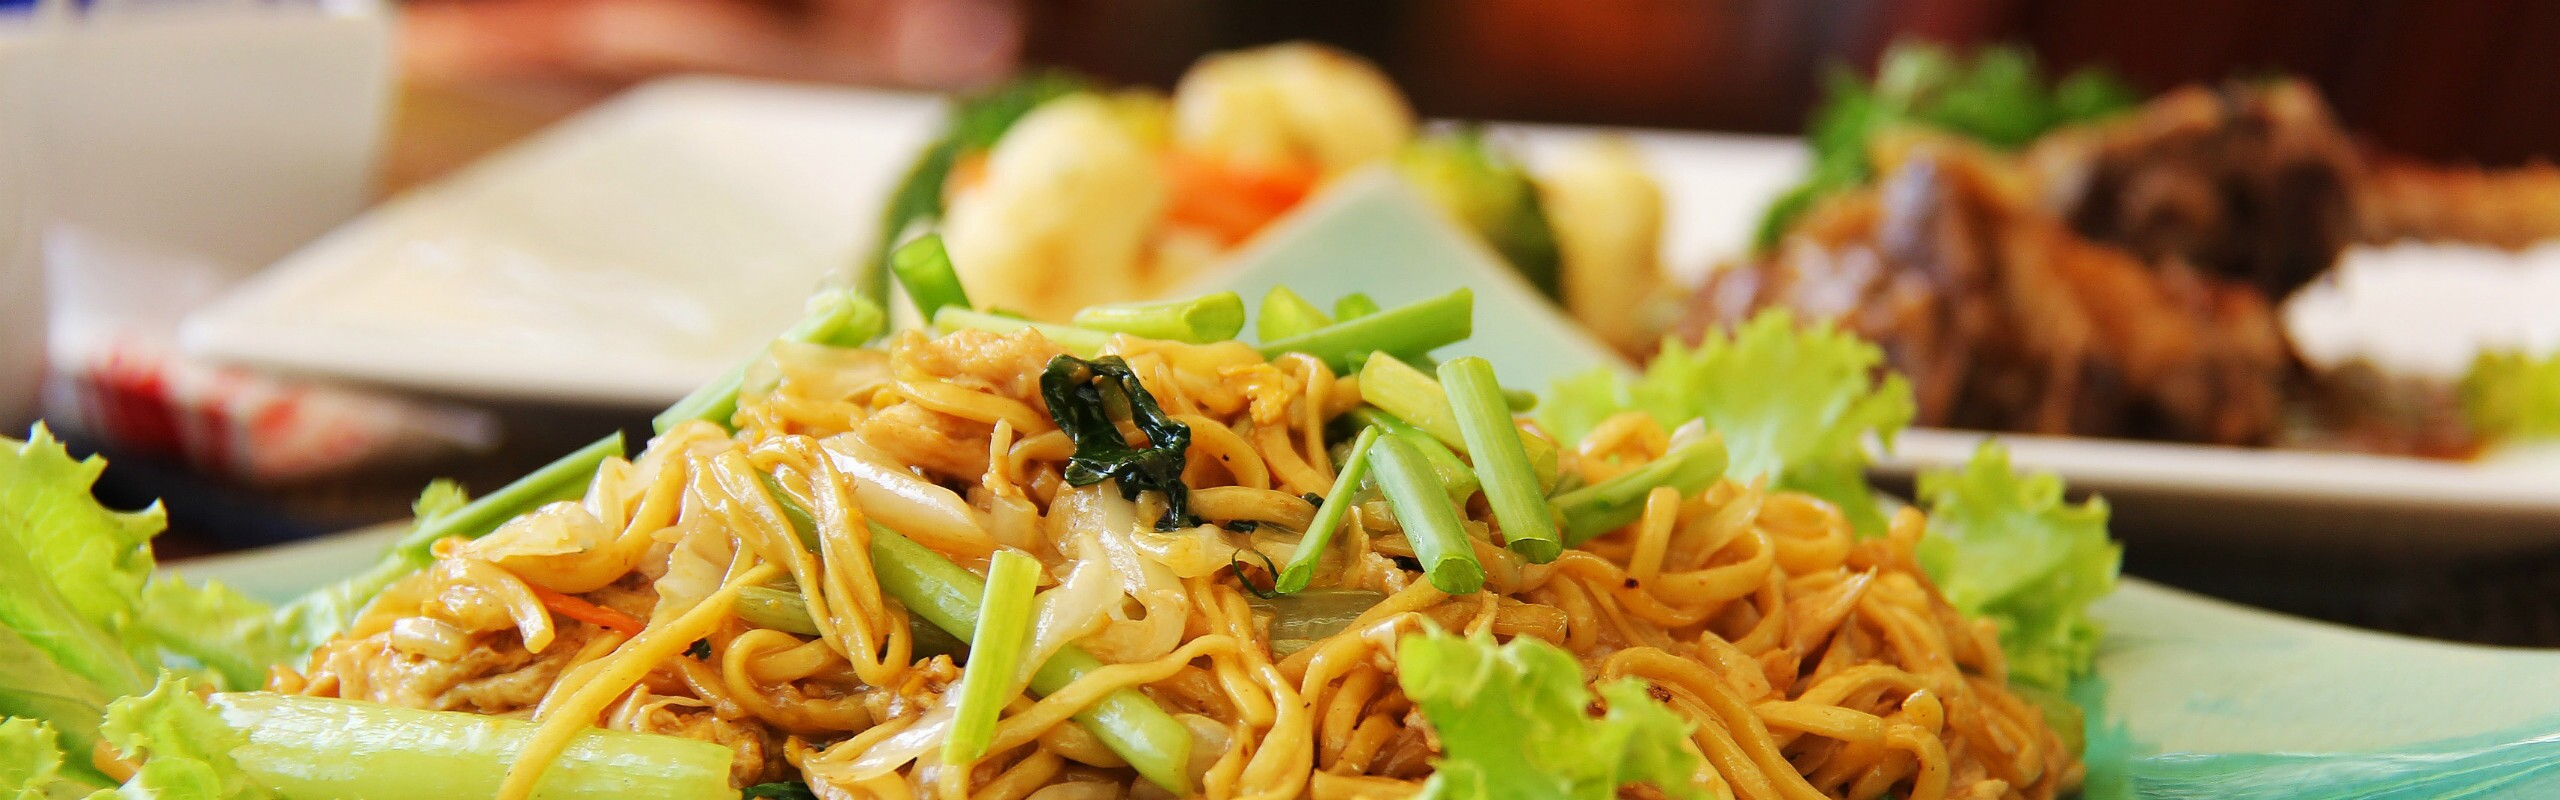 Dining in Cambodia